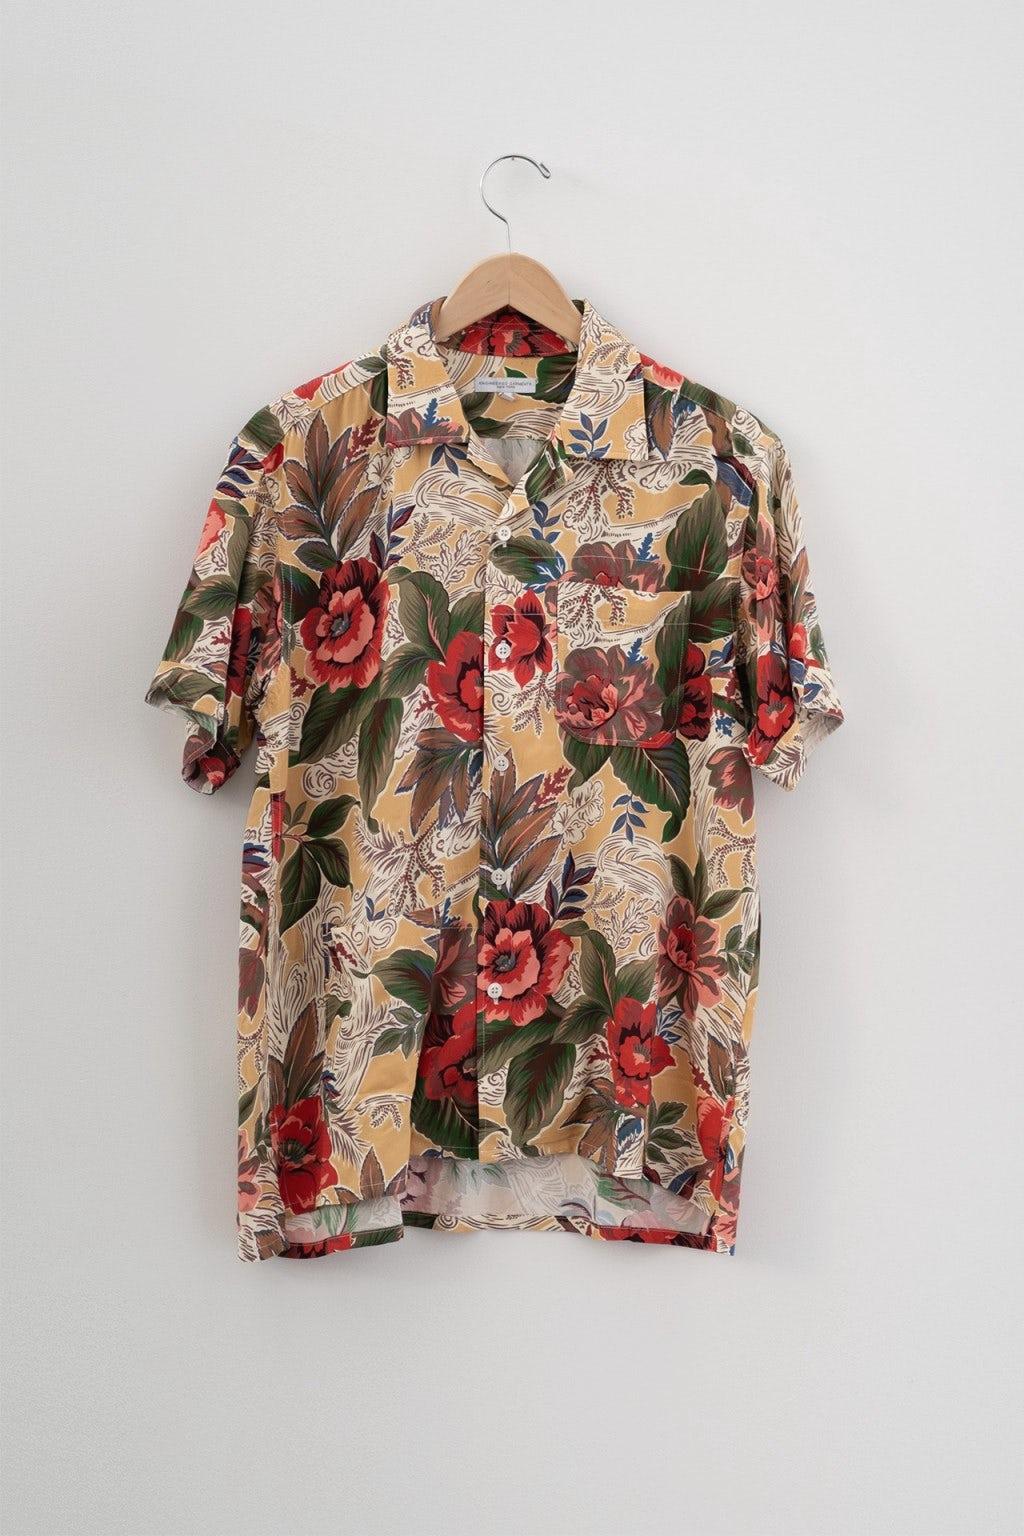 Engineered Garments Camp Shirt Yellow Hawaiian Rayon Floral